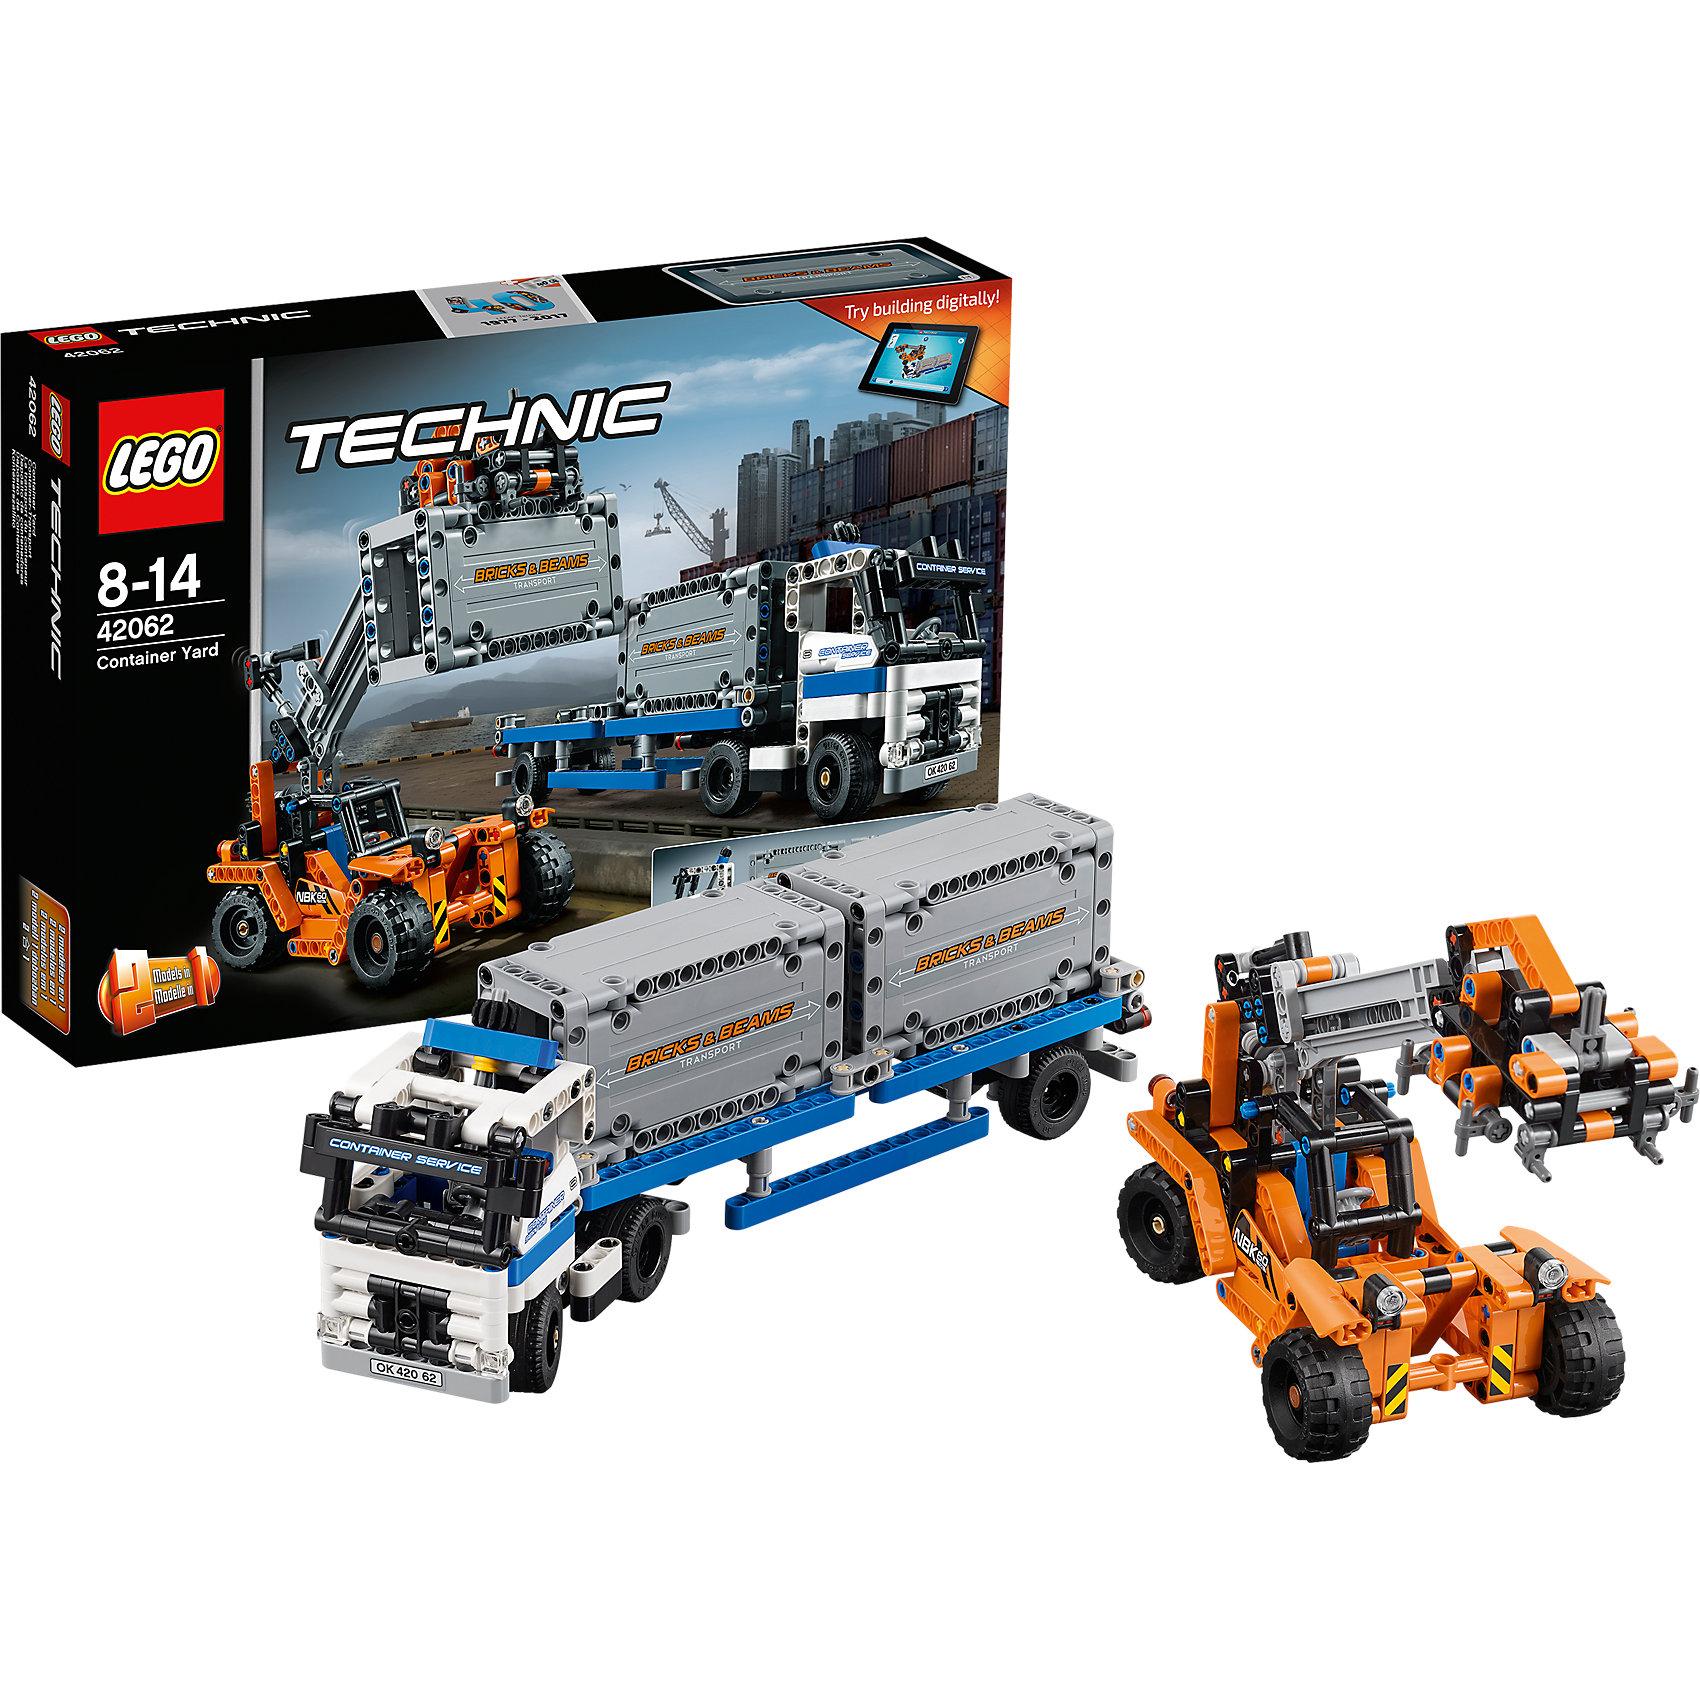 LEGO Technic 42062: Контейнерный терминалLEGO Technic 42062: Контейнерный терминал<br><br>Характеристики:<br><br>- в набор входит: детали большегрузного автомобиля, контейнеров и погрузчика, наклейки, инструкция по сборке<br>- состав: пластик<br>- количество деталей: 260<br>- приблизительное время сборки: 75 мин.<br>- размер упаковки: 38 * 7 * 29 см.<br>- размер автомобиля с контейнерами: 30,5 * 7 * 11 см.<br>- размер погрузчика: 23 * 9 * 10,5 см.<br>- для детей в возрасте: от 8 до 14 лет<br>- Страна производитель: Дания/Китай/Чехия<br><br>Легендарный конструктор LEGO (ЛЕГО) представляет серию «Technic», которая бросает вызов уже опытным строителям ЛЕГО. Ваш ребенок может строить продвинутые модели с реальными функциями, такими как коробки передач и системы рулевого управления. В набор включена уникальная деталь, посвященная сорокалетию серии. Наслаждайтесь строительством реалистичного большегрузного автомобиля и погрузчика! <br><br>Благодаря специальному механизму колеса автомобиля двигаются в разные стороны, помогая ему разворачиваться вместе с прицепом и грузом, прицеп можно отсоединить, двери кабины открываются, а сиденья складываются. Ведущие колеса погрузчика так же двигаются с помощью механизма, грузозахватное устройство поднимается, двигается вперед и надежно захватывает контейнеры. Открытая кабина погрузчика открывается, водитель защищен надежной и прочной конструкцией. Большегрузный автомобиль перестраивается в грузовик, а погрузчик в стационарный портальный для нового вида перевозок, обе модели имеют дополнительные объемные интерактивные инструкции на вебсайте ЛЕГО. <br><br>Играя с конструктором ребенок развивает моторику рук, воображение и логическое мышление, научится собирать по инструкции и создавать свои модели. Принимайте новые вызовы по сборке моделей и придумывайте новые истории с набором LEGO «Technic»!<br><br>Конструктор LEGO Technic 42062: Контейнерный терминал можно купить в нашем интернет-магазине.<br><br>Ширина мм: 385<br>Глубина мм: 261<br>